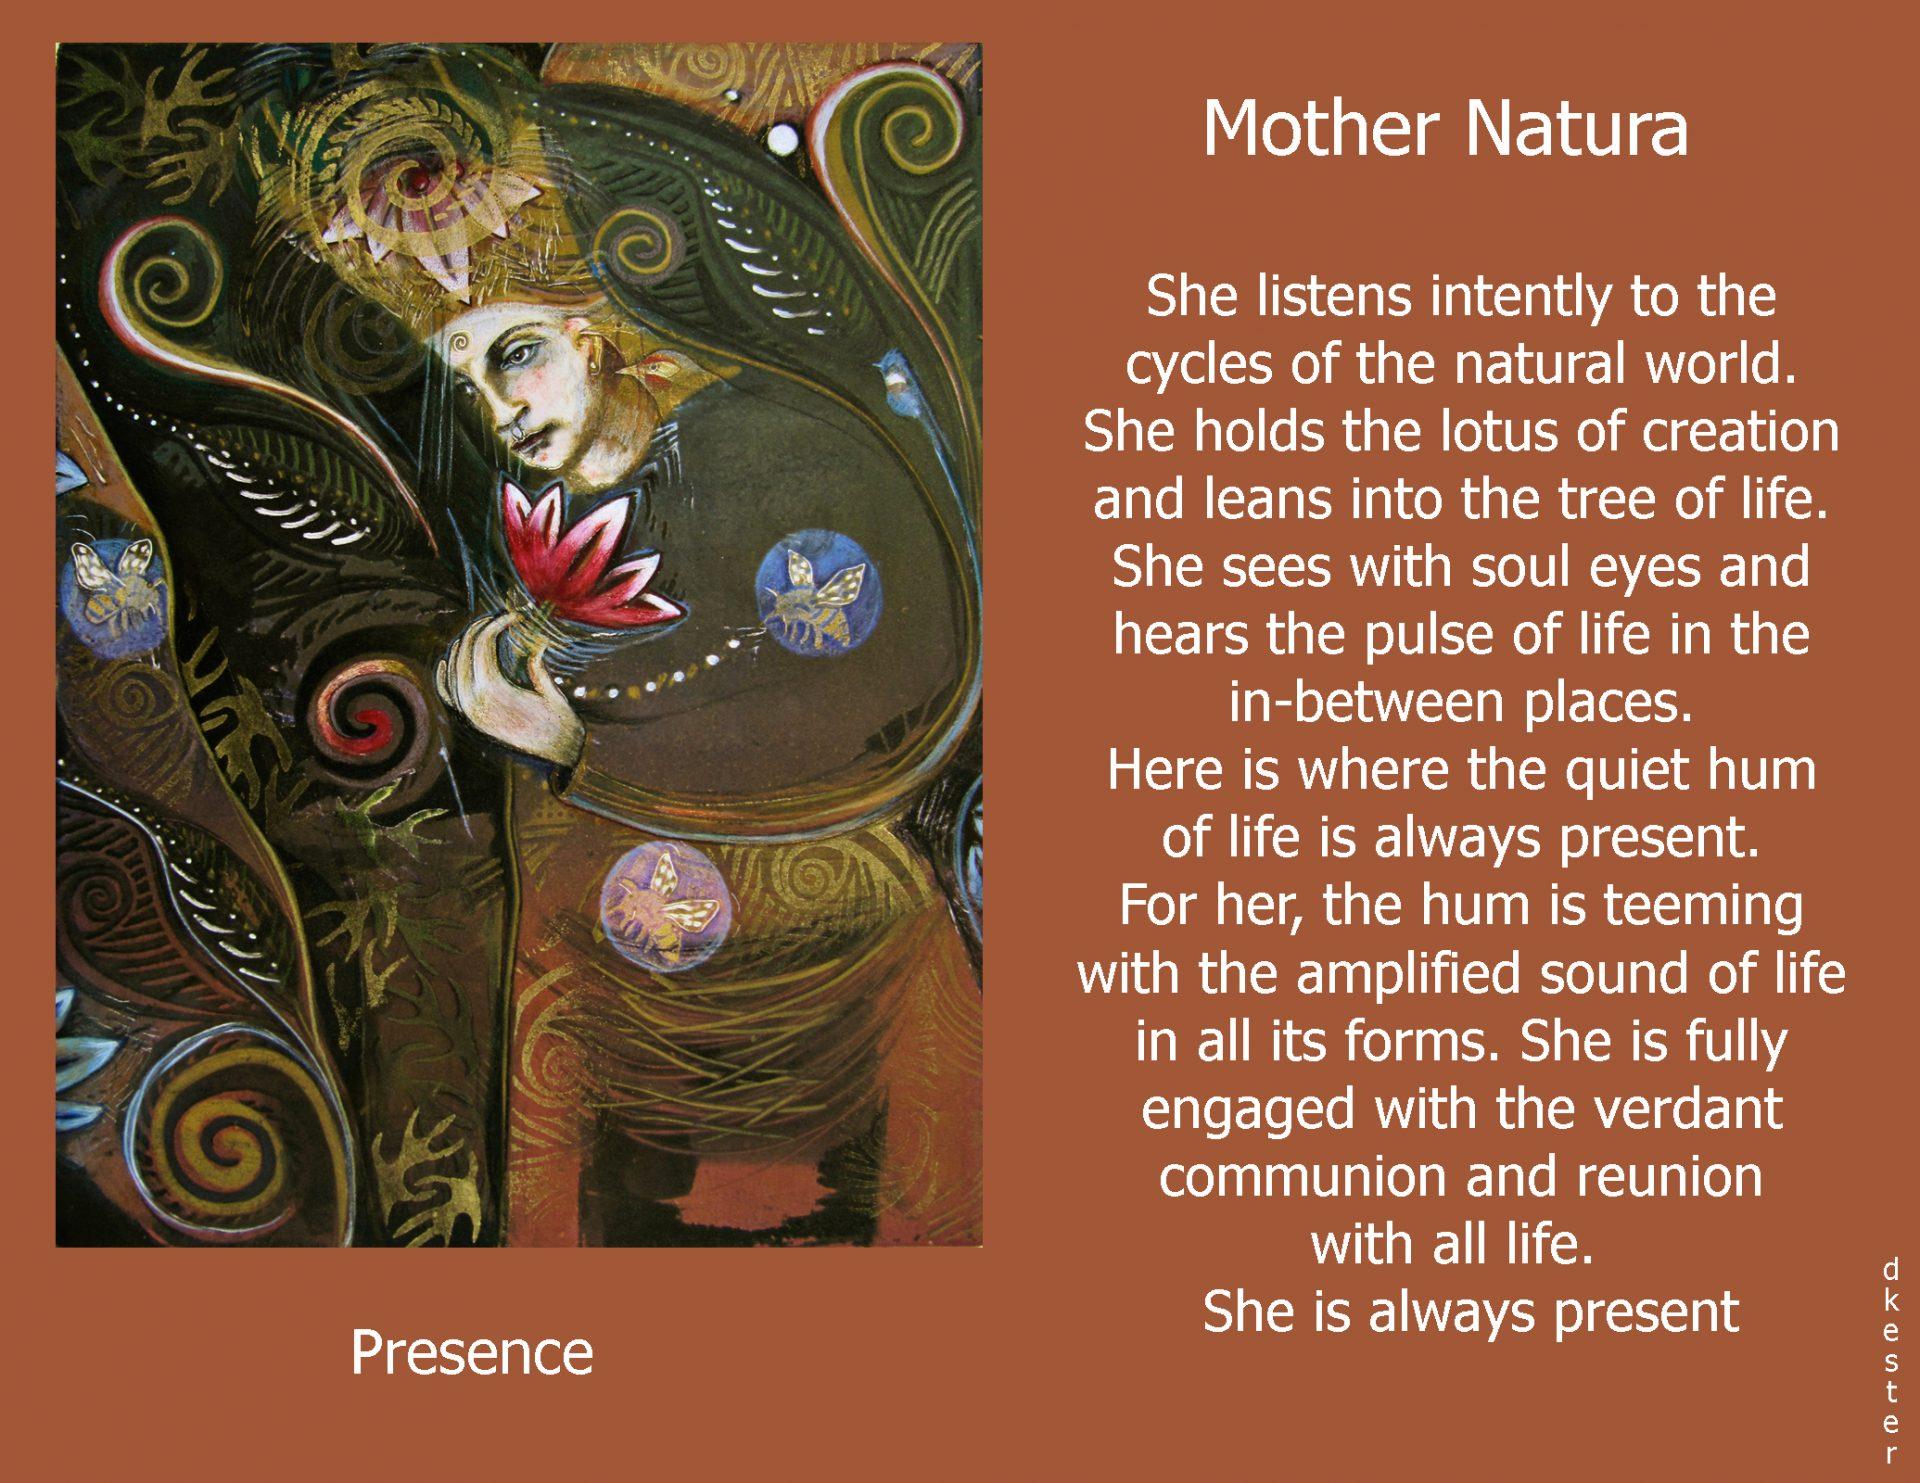 Denise Kester: Mother Natura